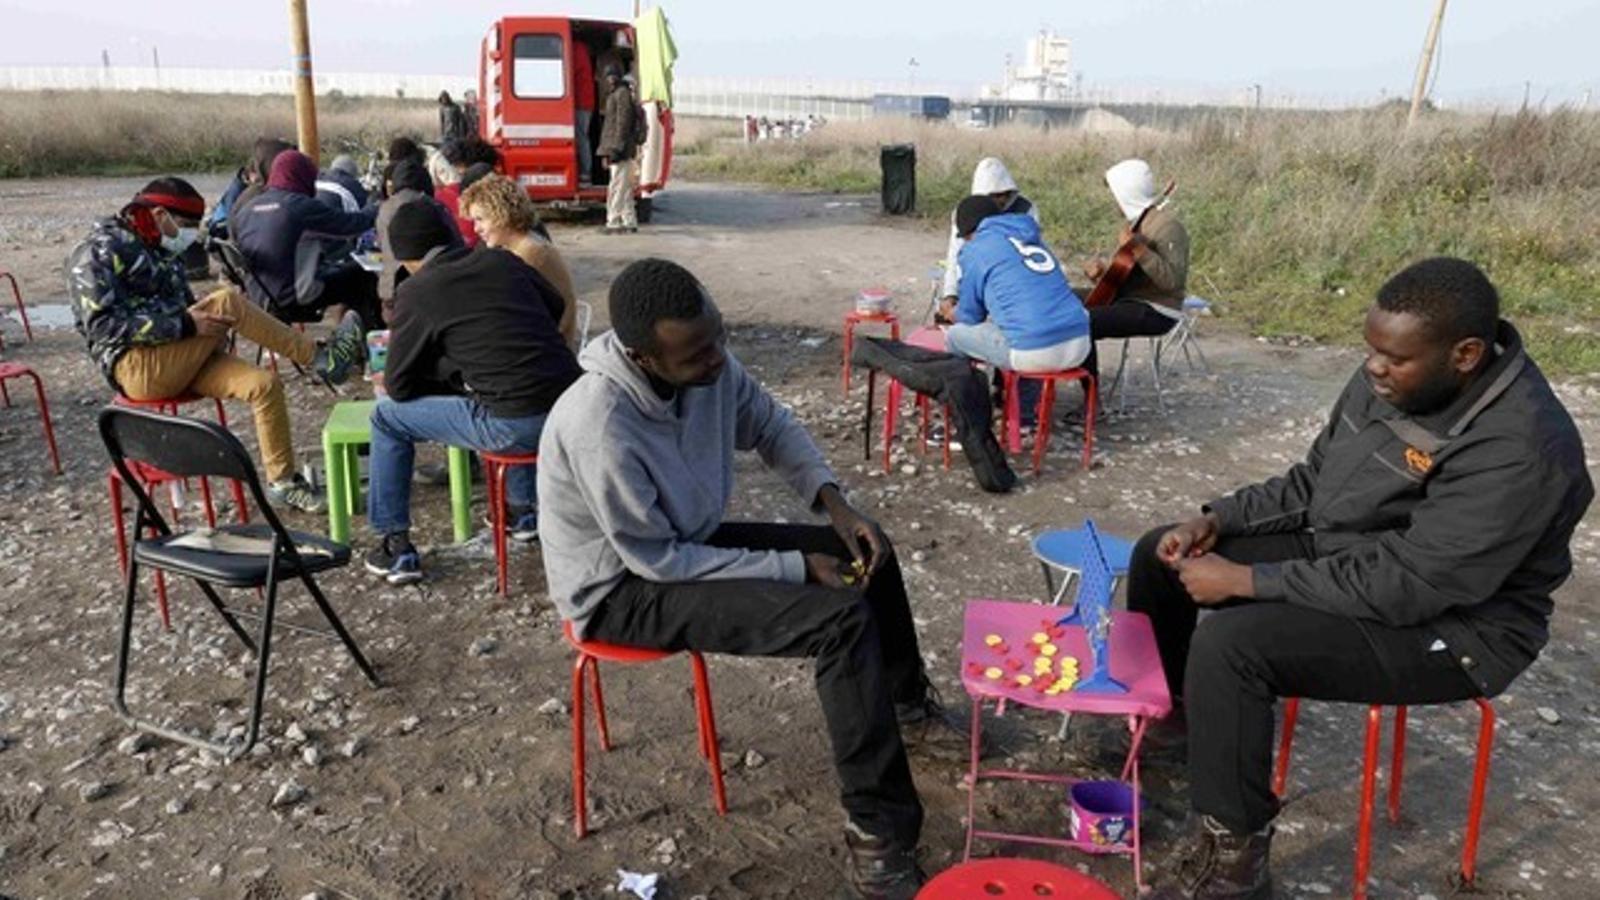 Grups de migrants passen les hores jugant mentre esperen el tancament de la 'Jungla'.